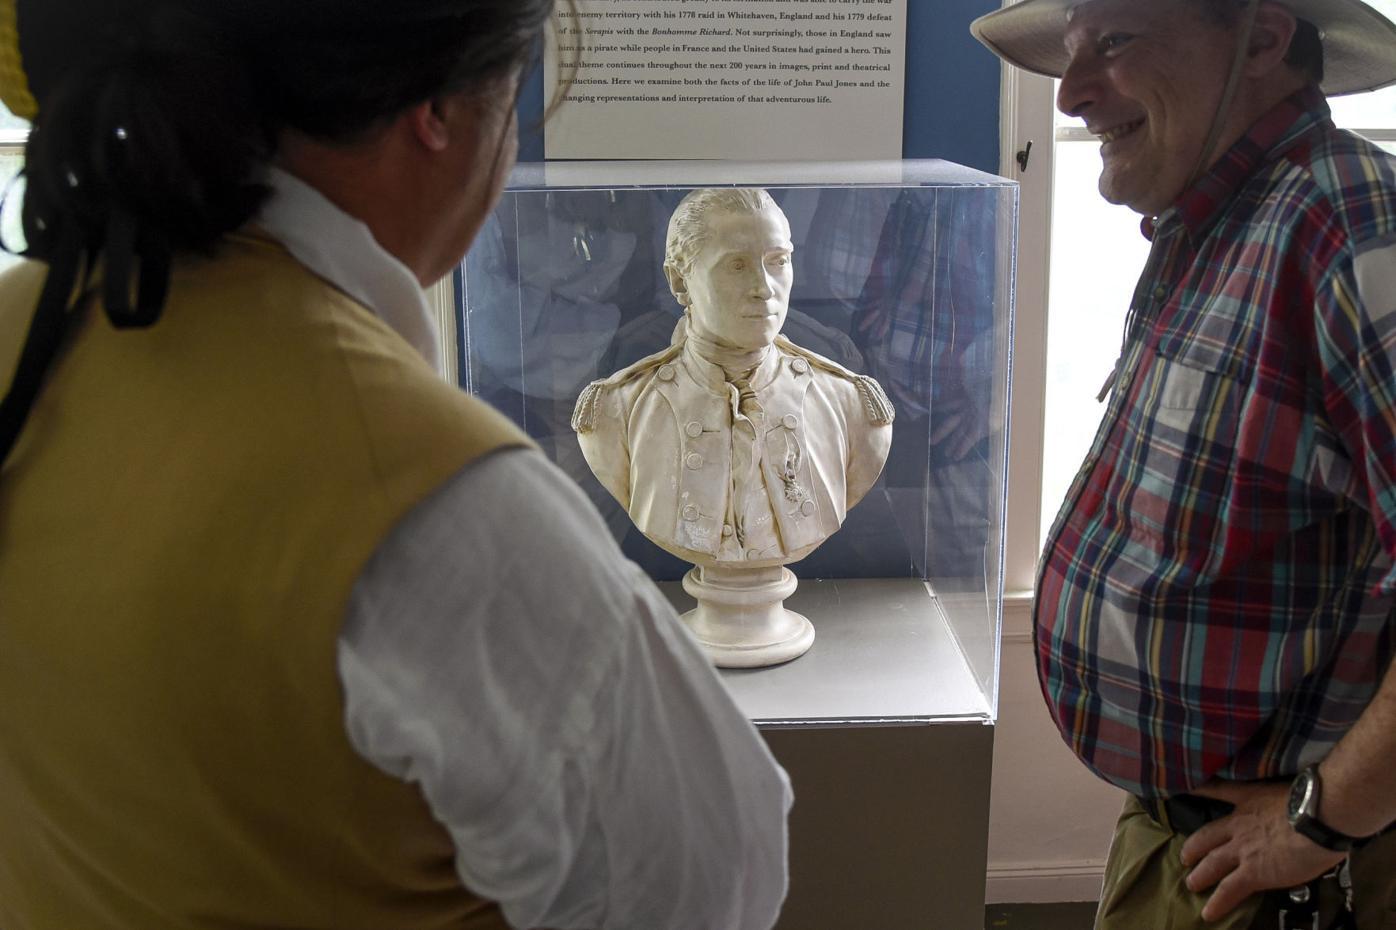 John Paul Jones bust